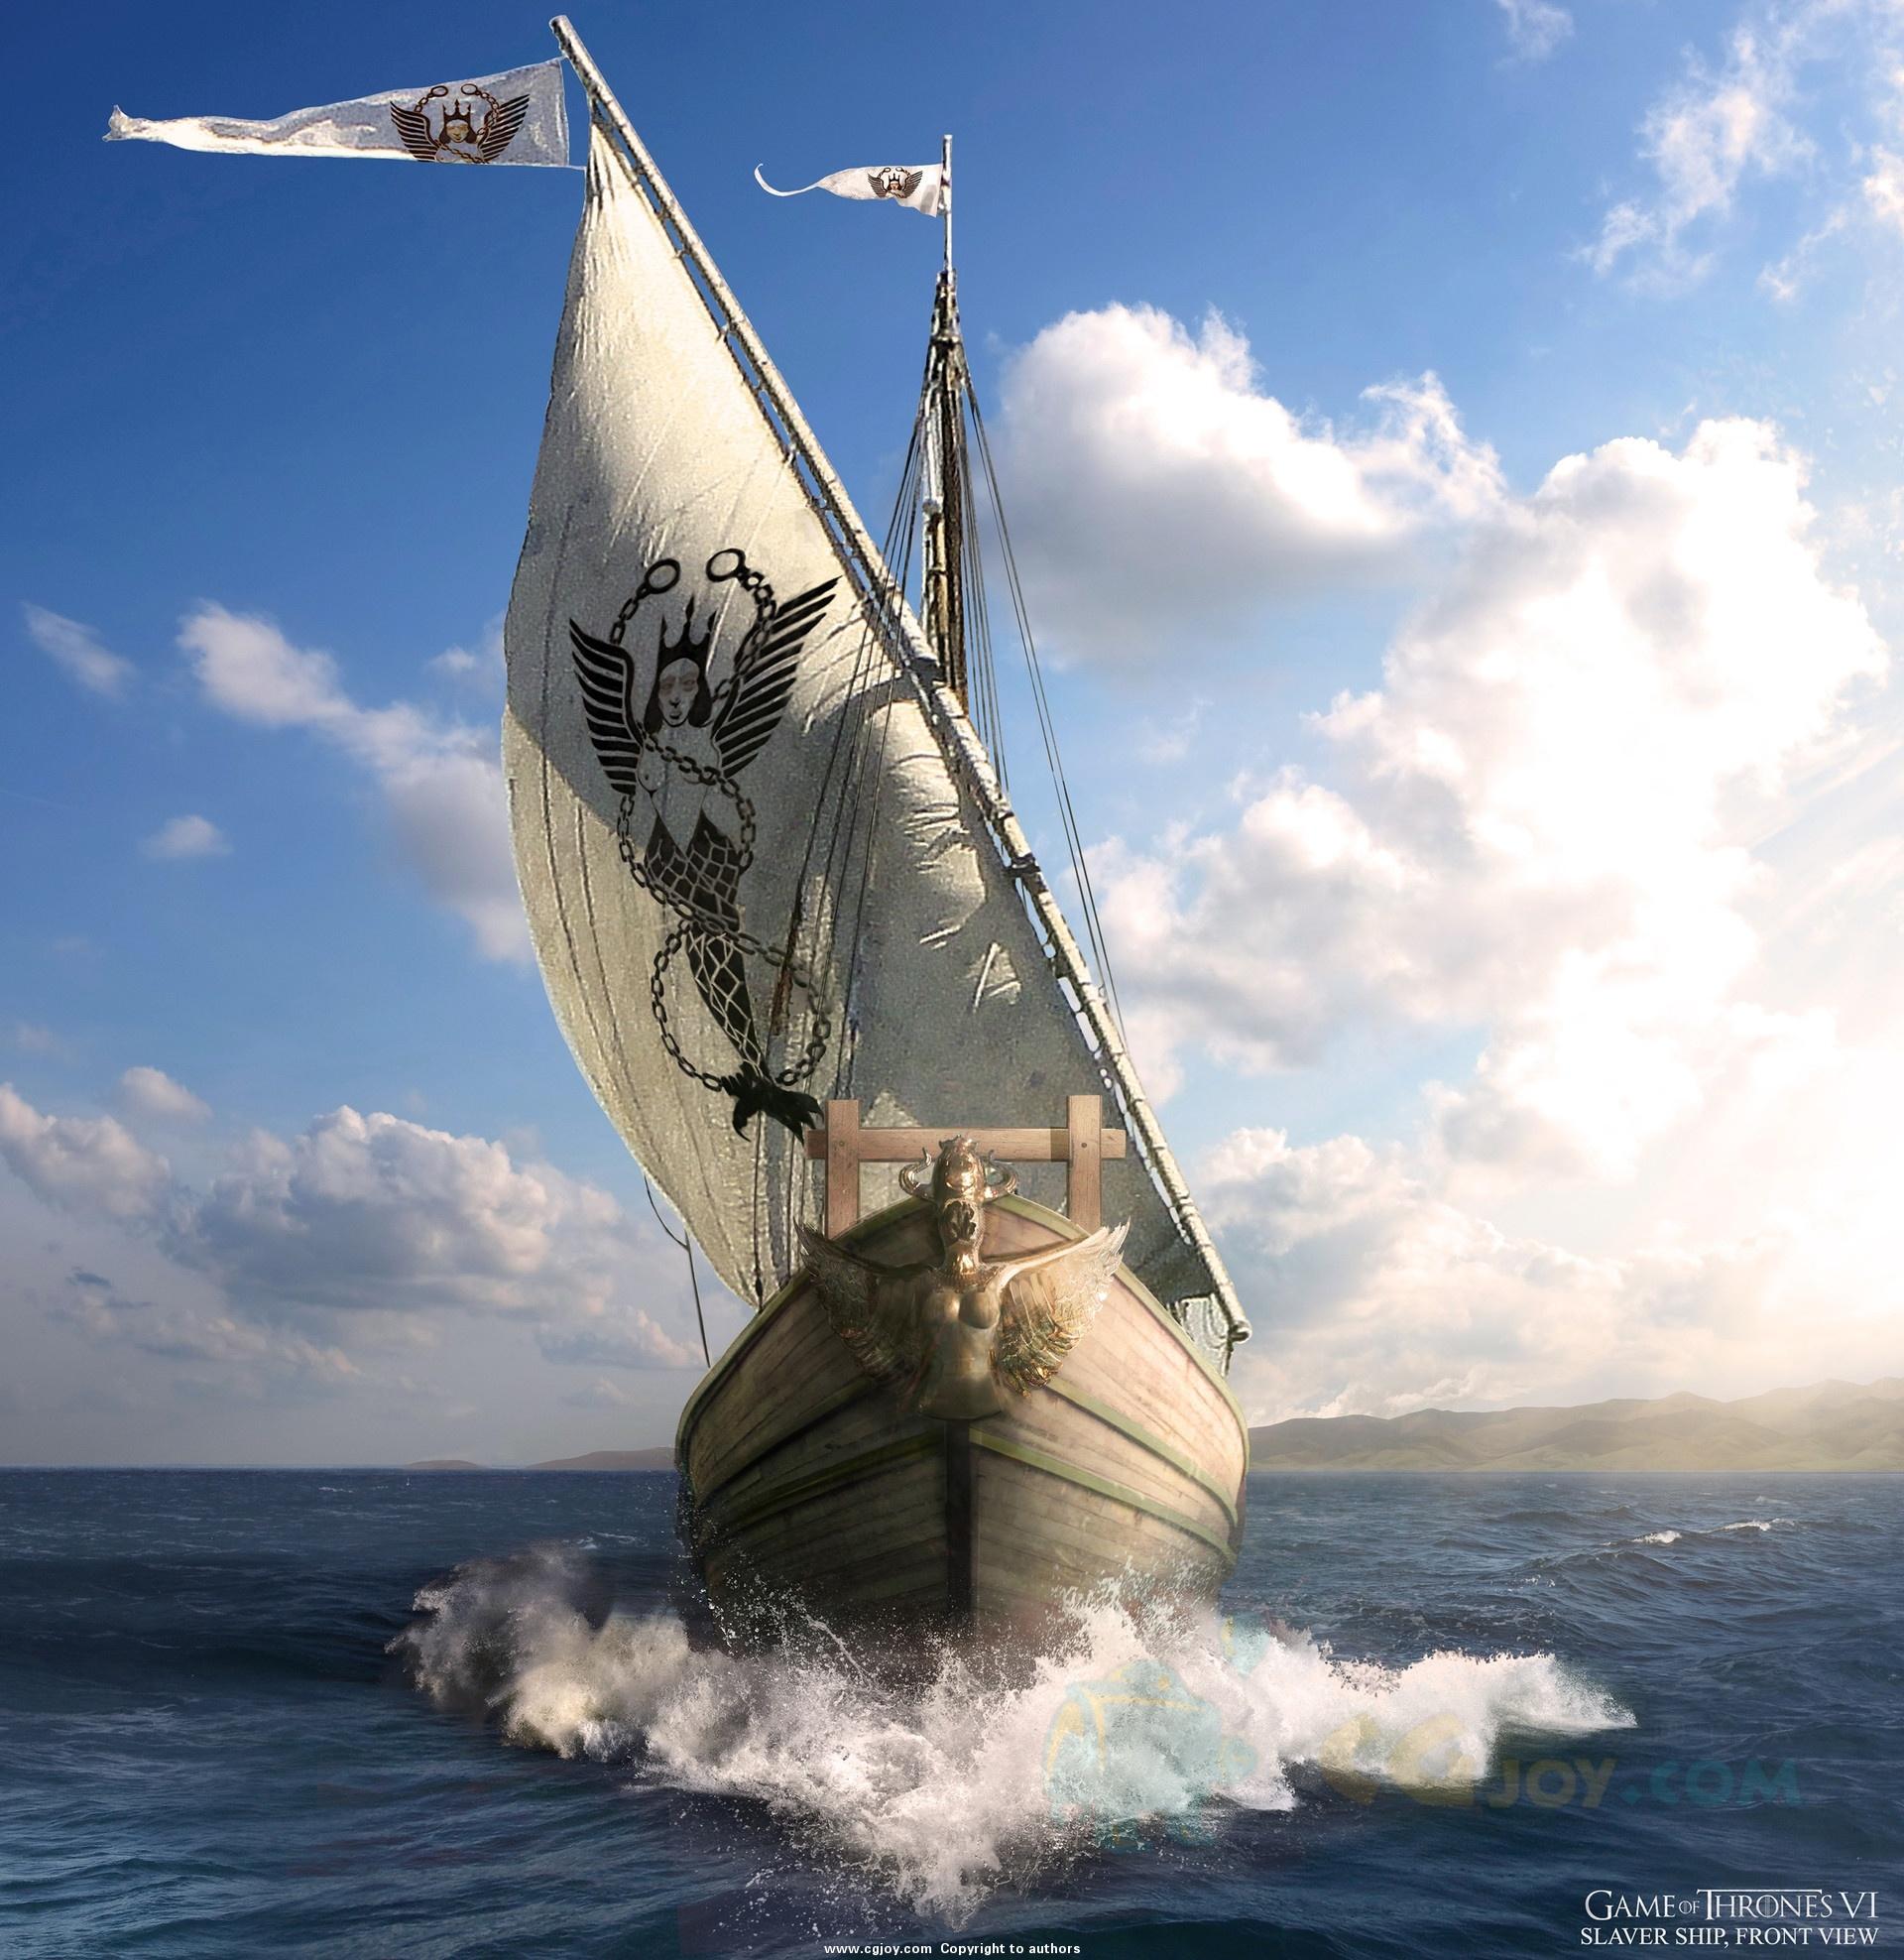 Barco de los traficantes de esclavos Temporada 6 - 30 imágenes de Concept Art de Juego de Tronos Sorprendentes